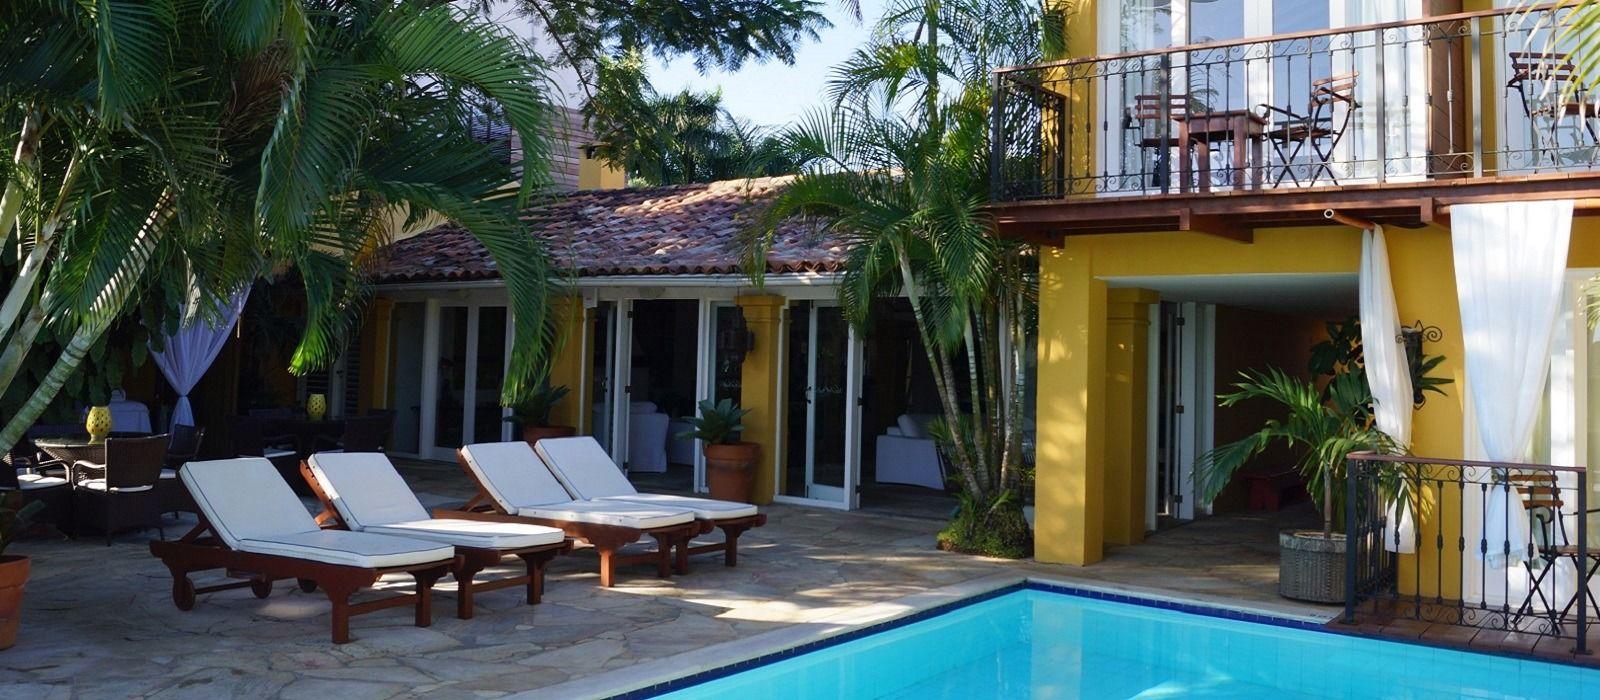 Hotel Vila d'Este Brazil